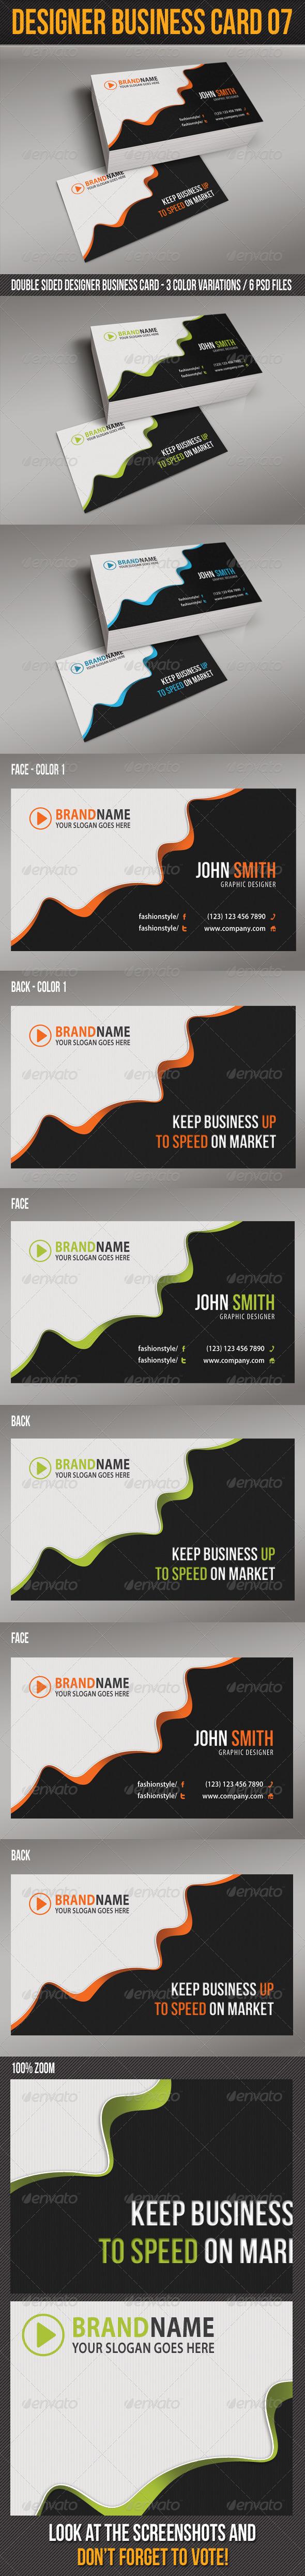 GraphicRiver Designer Business Card 07 6348329